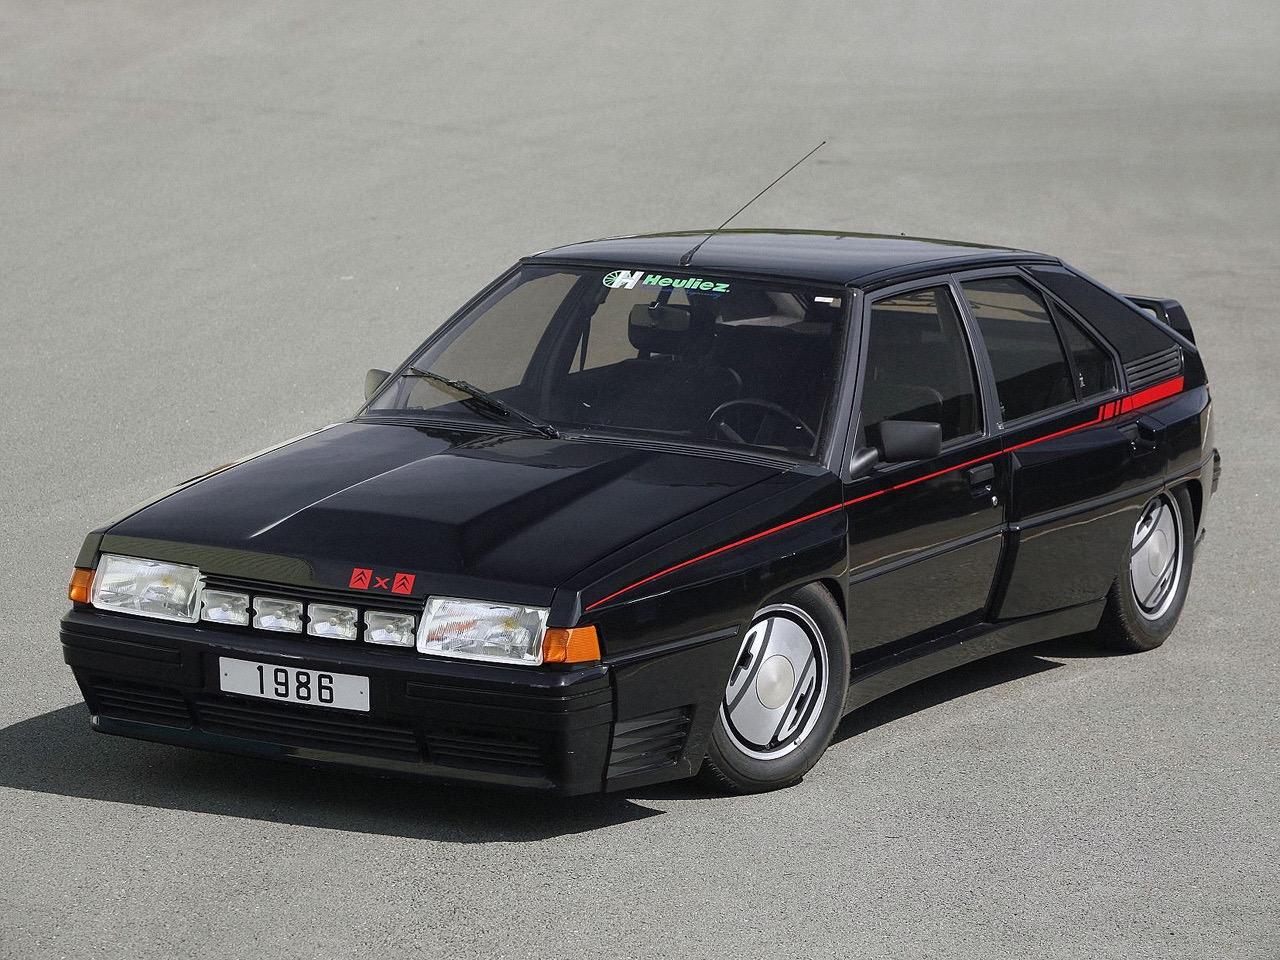 Citroen BX 4 TC - Papy, c'est quoi ton auto ?! 6